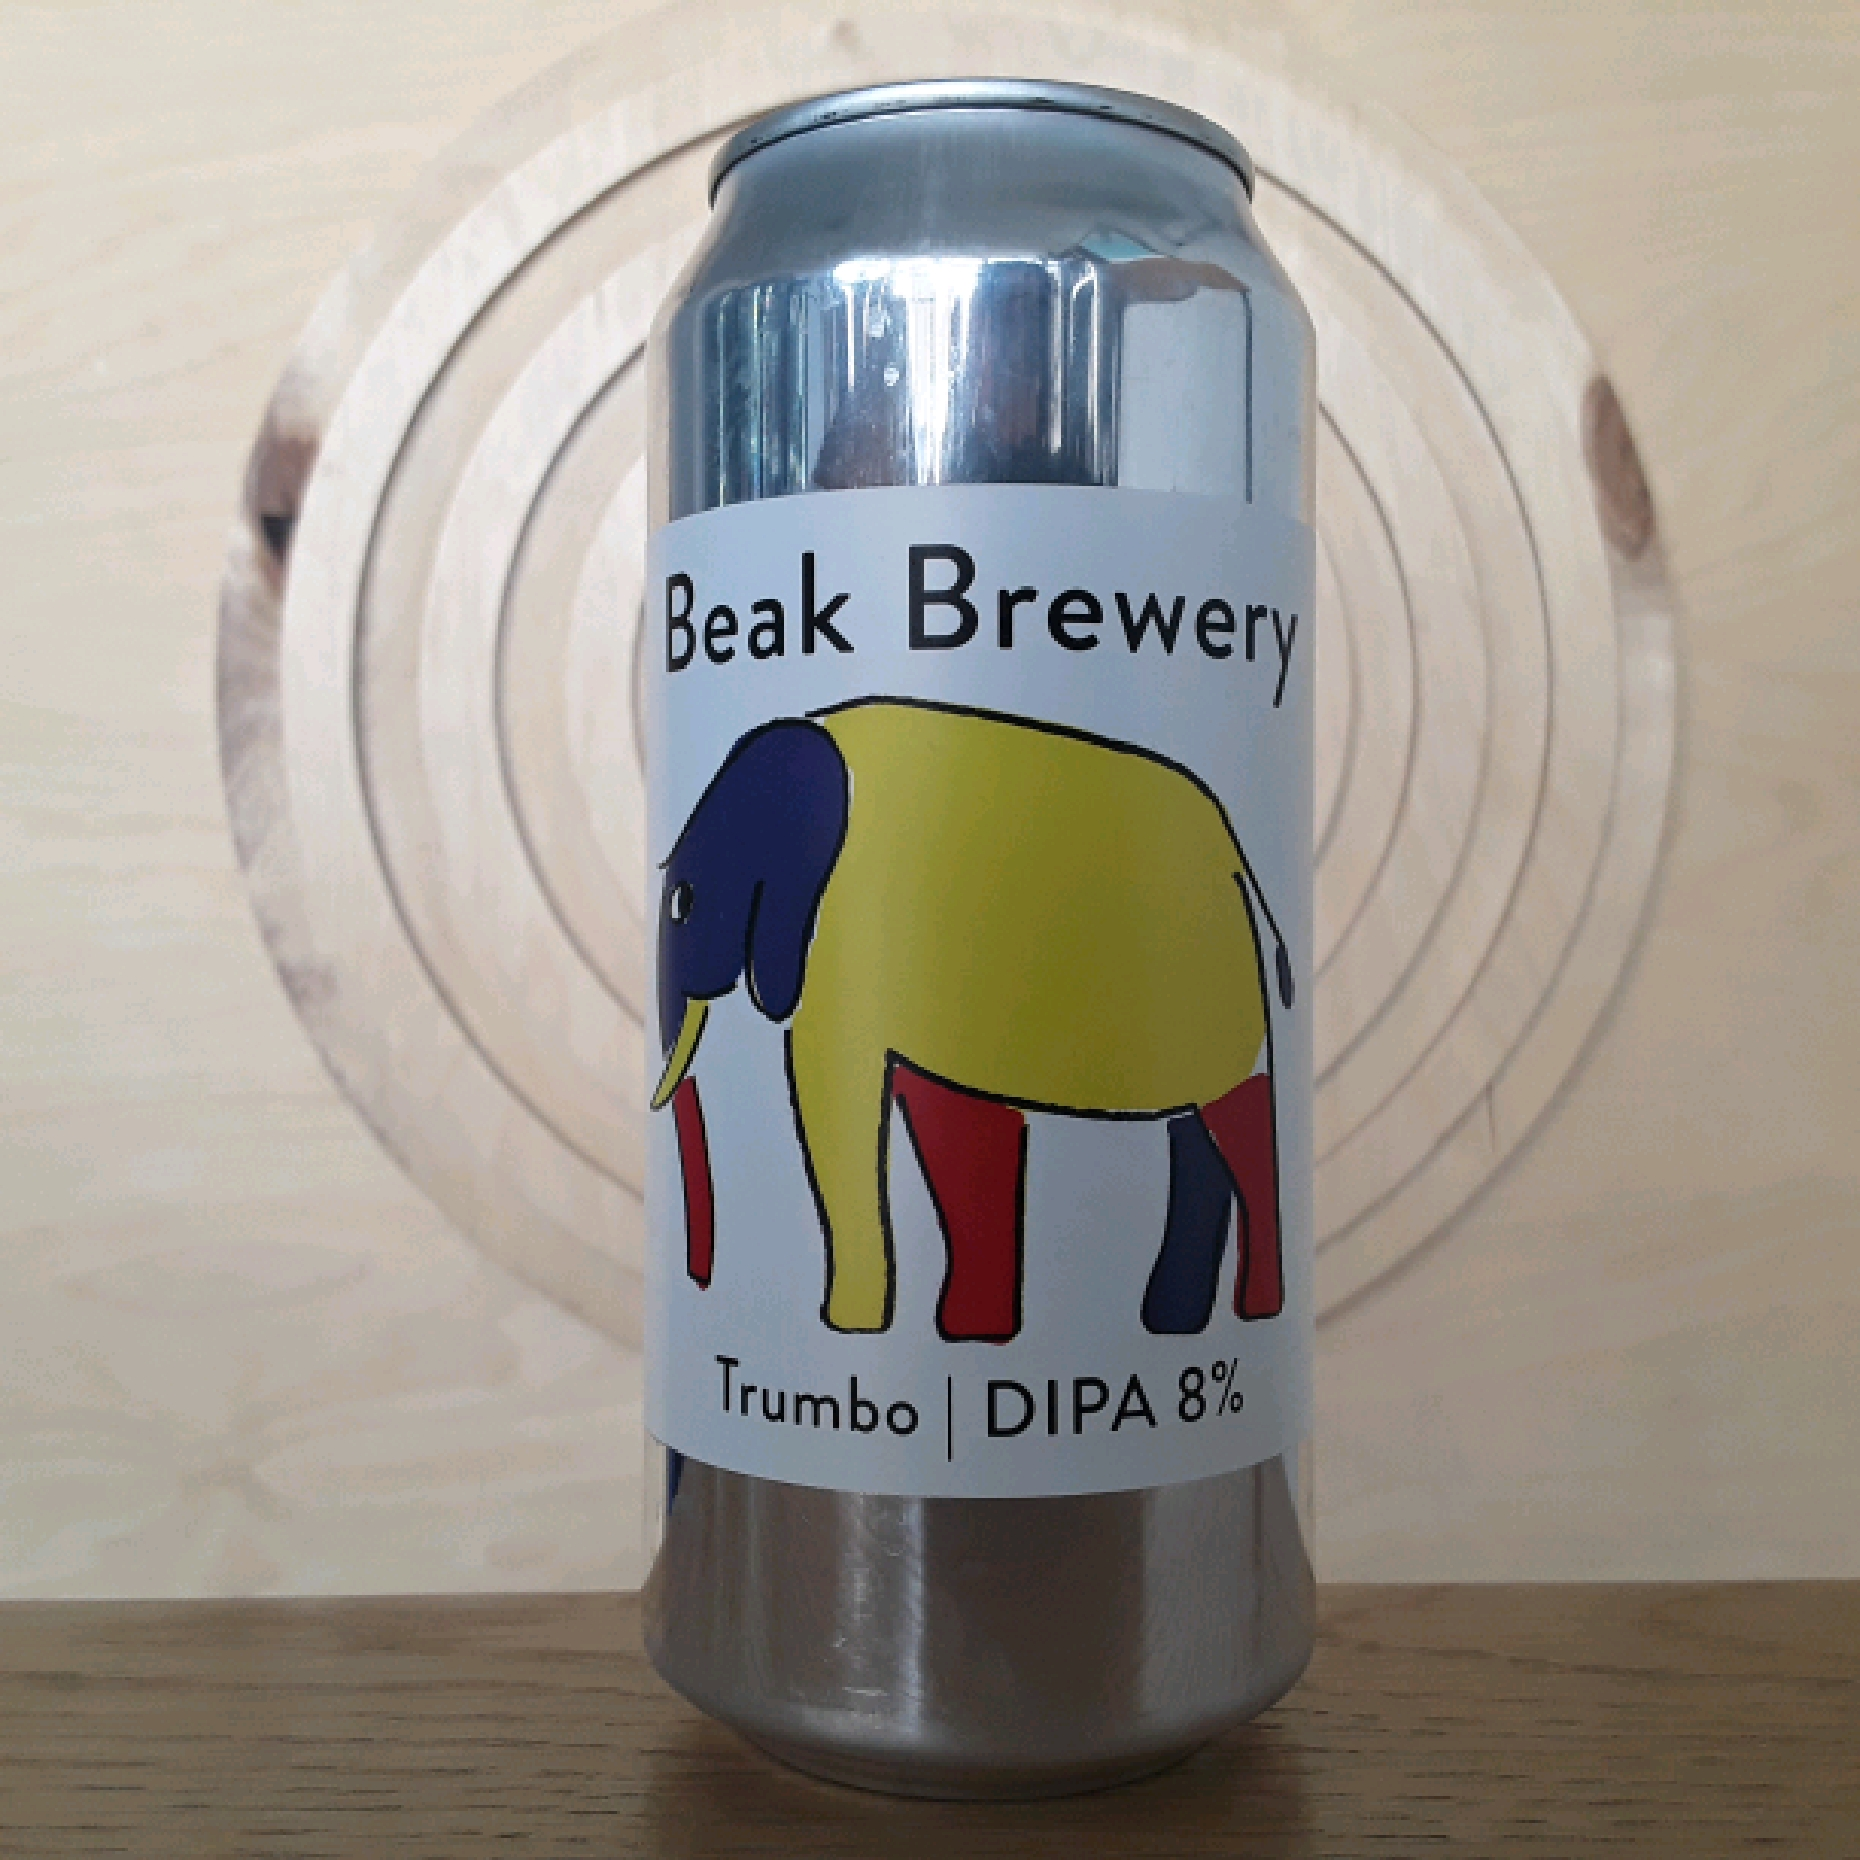 Beak Brewery | Trumbo | DIPA